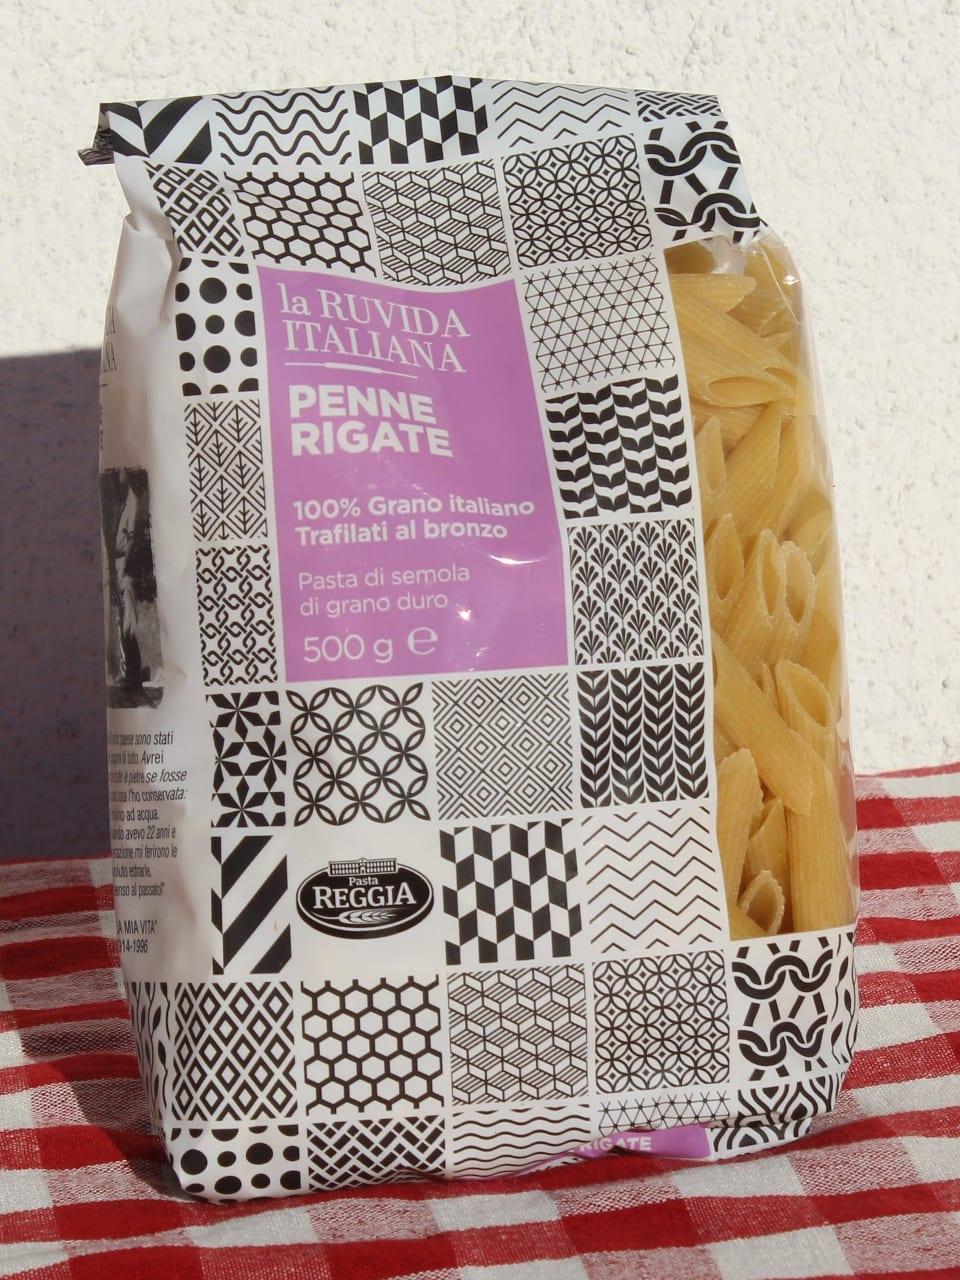 Velg blant pasta laget i bronsestøpte former, glutenfrie alternativer eller fullkorn og økologisk.